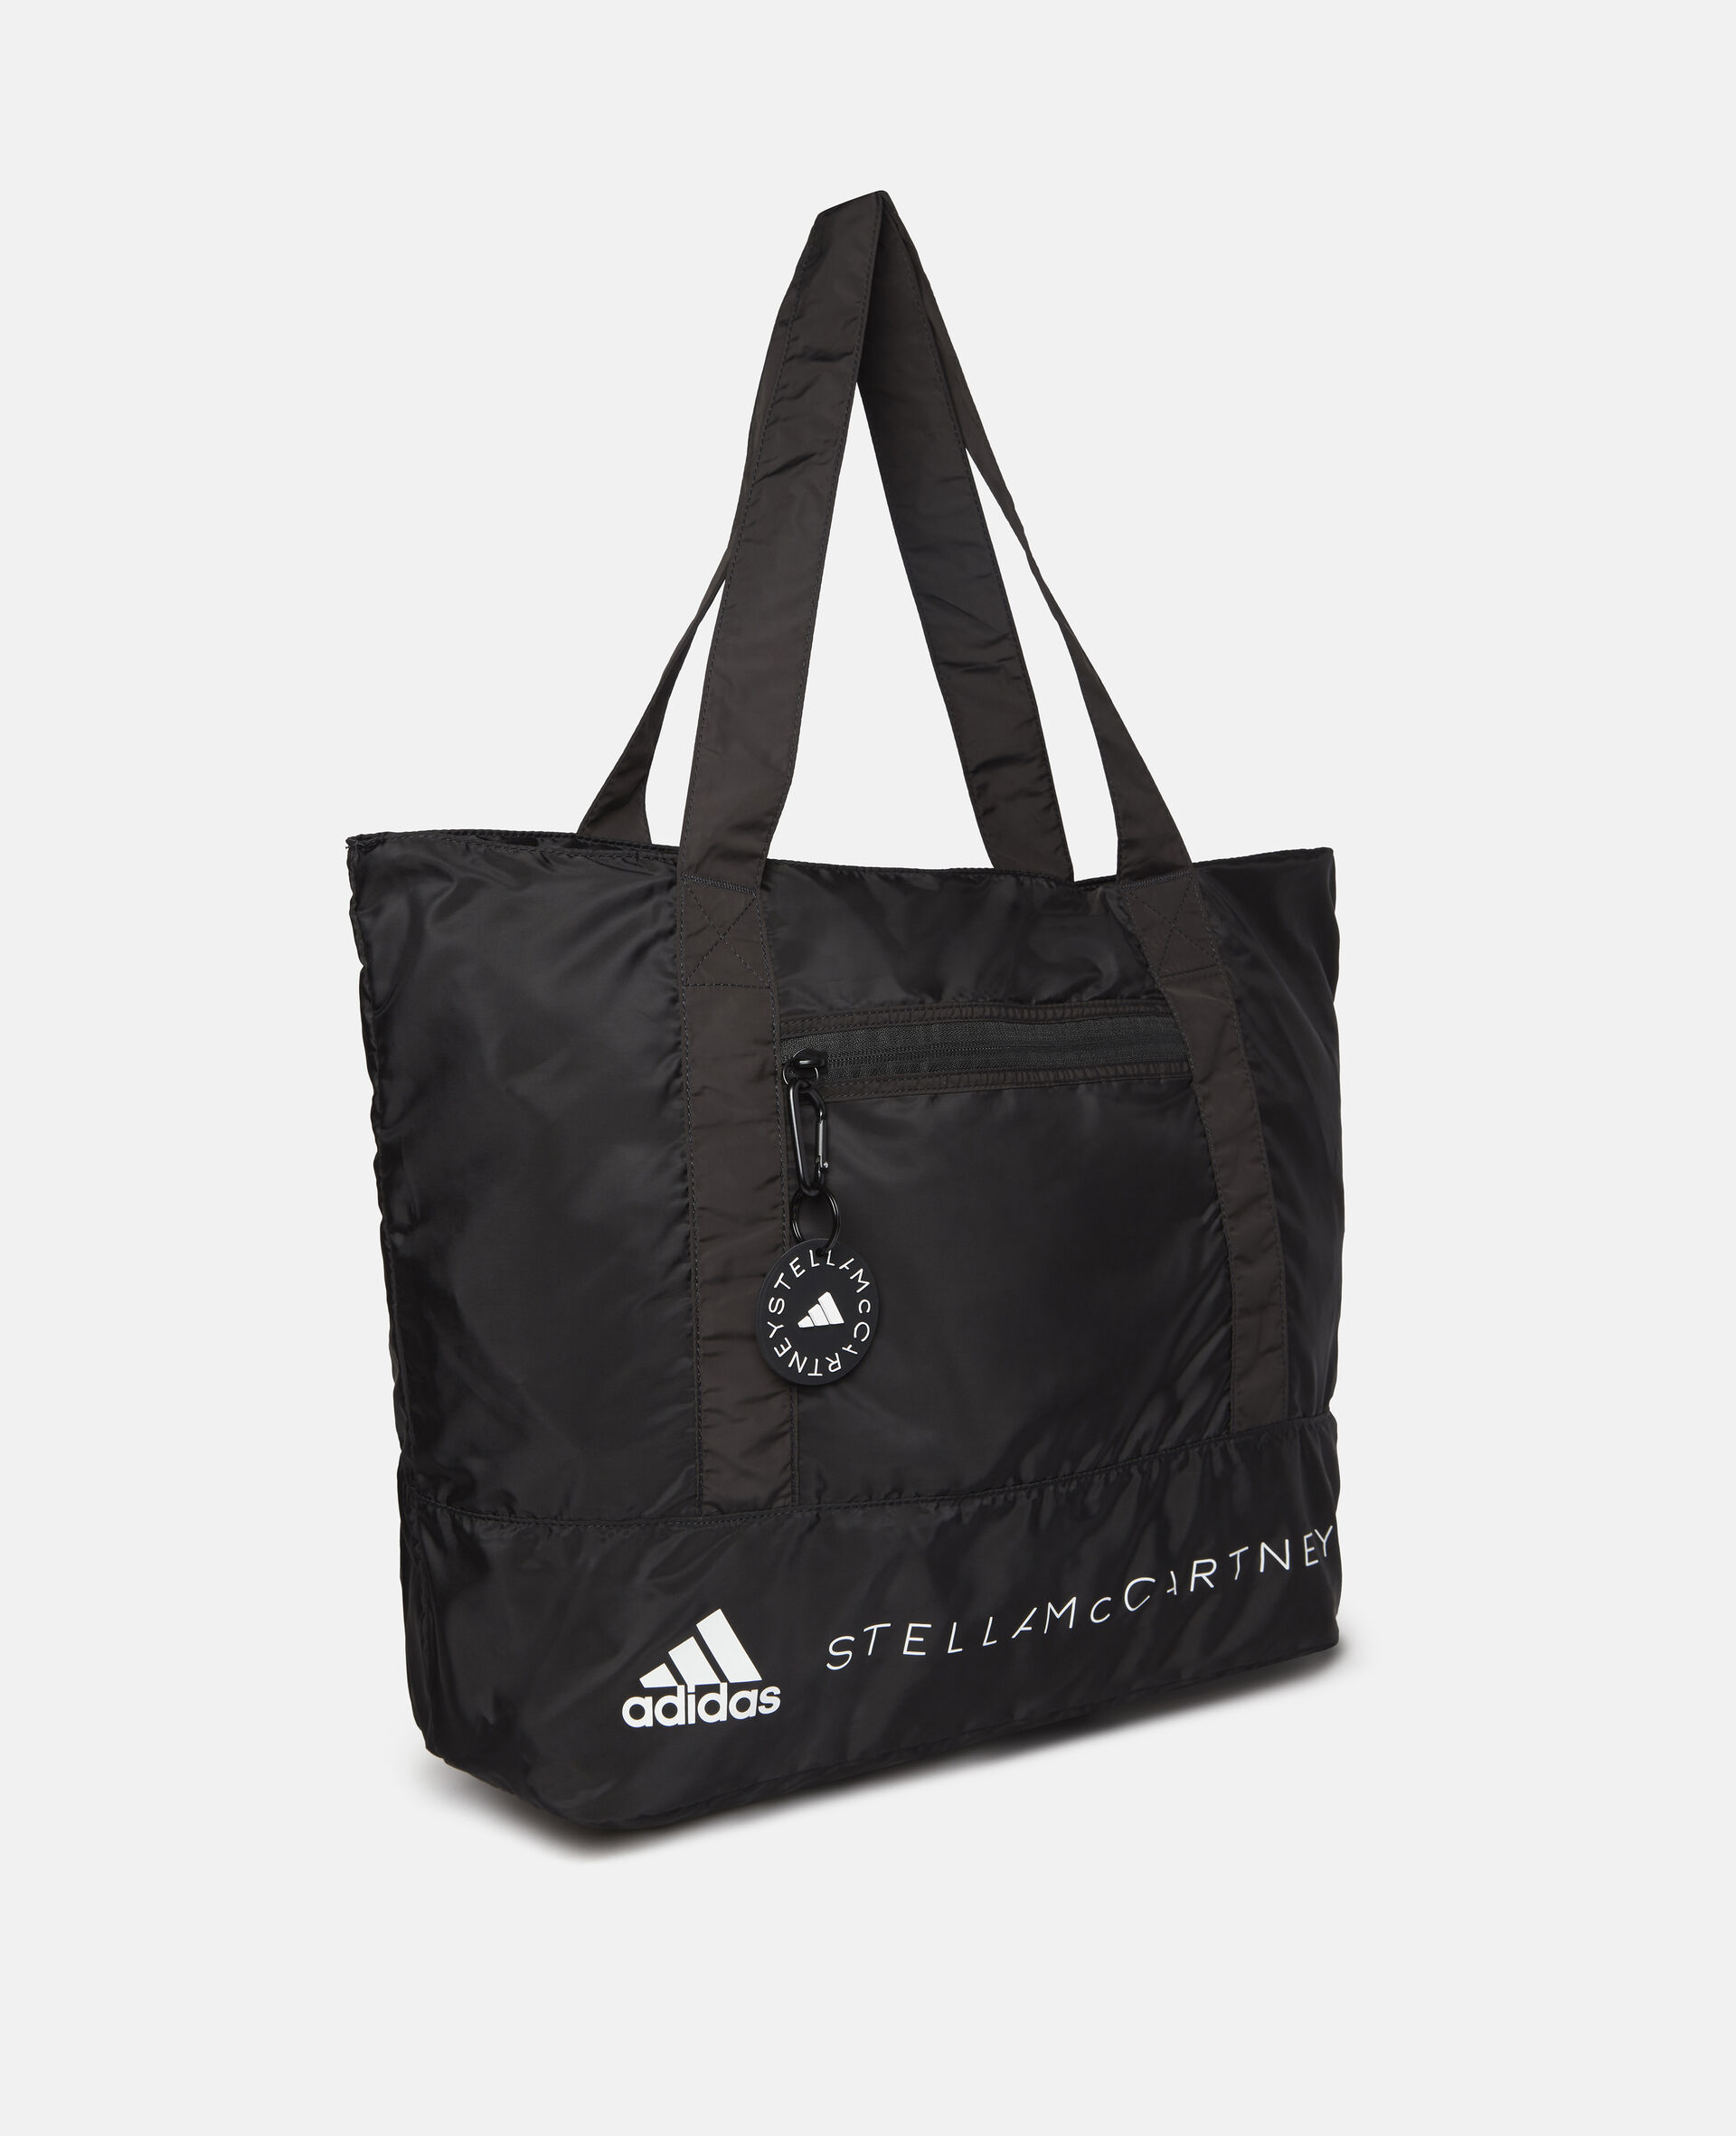 Black Tote Bag-Black-large image number 1